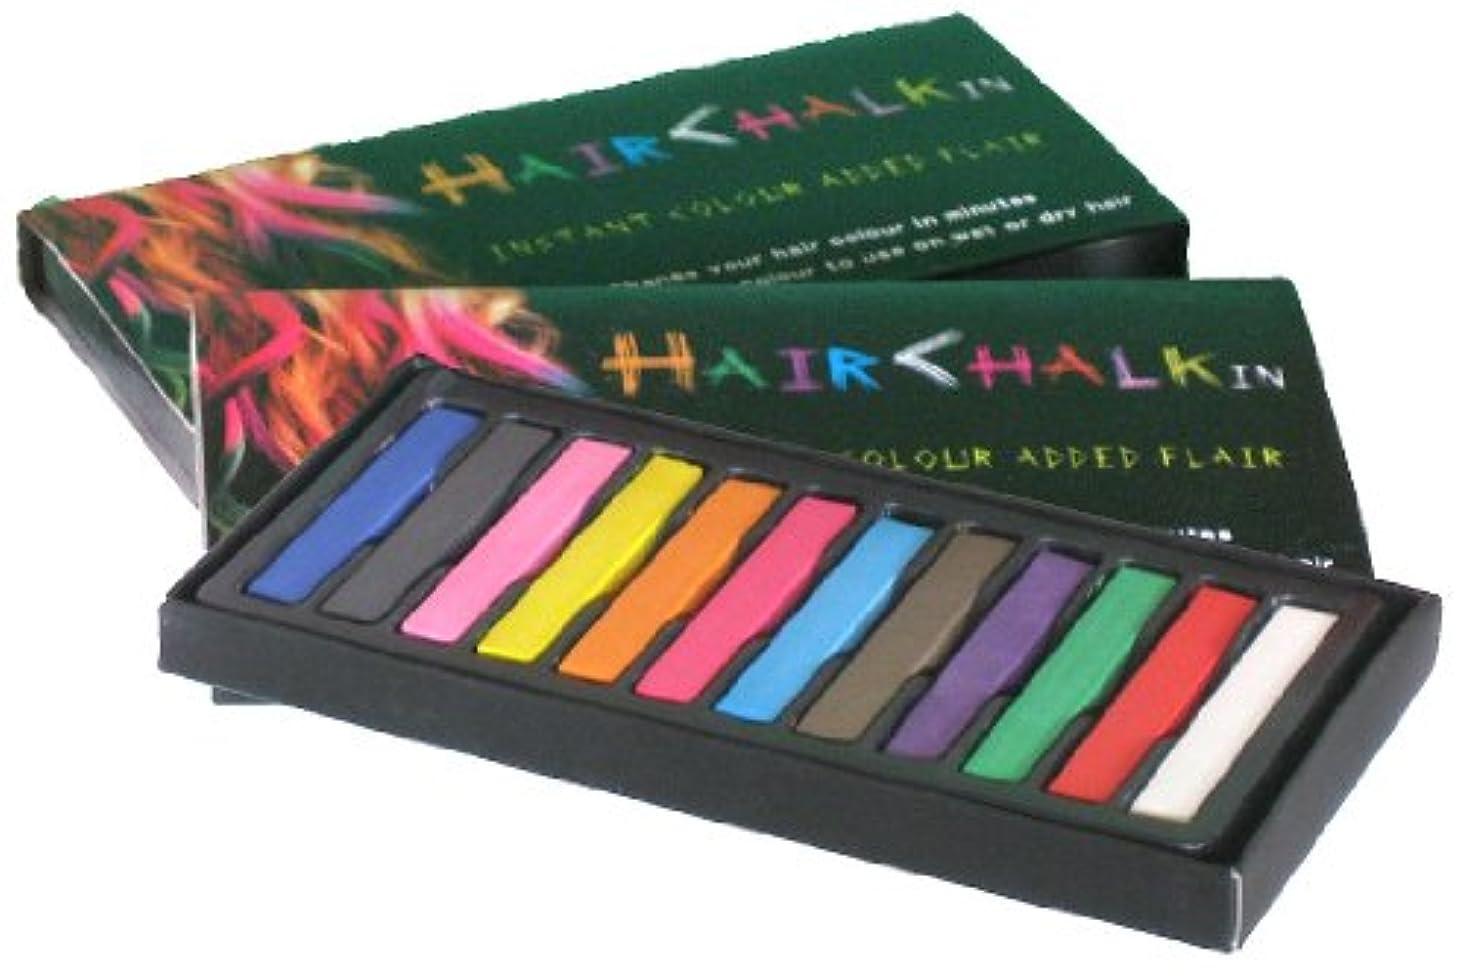 オゾンお勧め餌大ブレイク中!HAIR CHALKIN 選べる 12色/24色 髪専用に開発された安心商品!! ヘアチョーク ヘアカラーチョーク  一日だけのヘアカラーでイメチェンが楽しめる!美容室のヘアカラーでは表現しづらい色も表現できます...